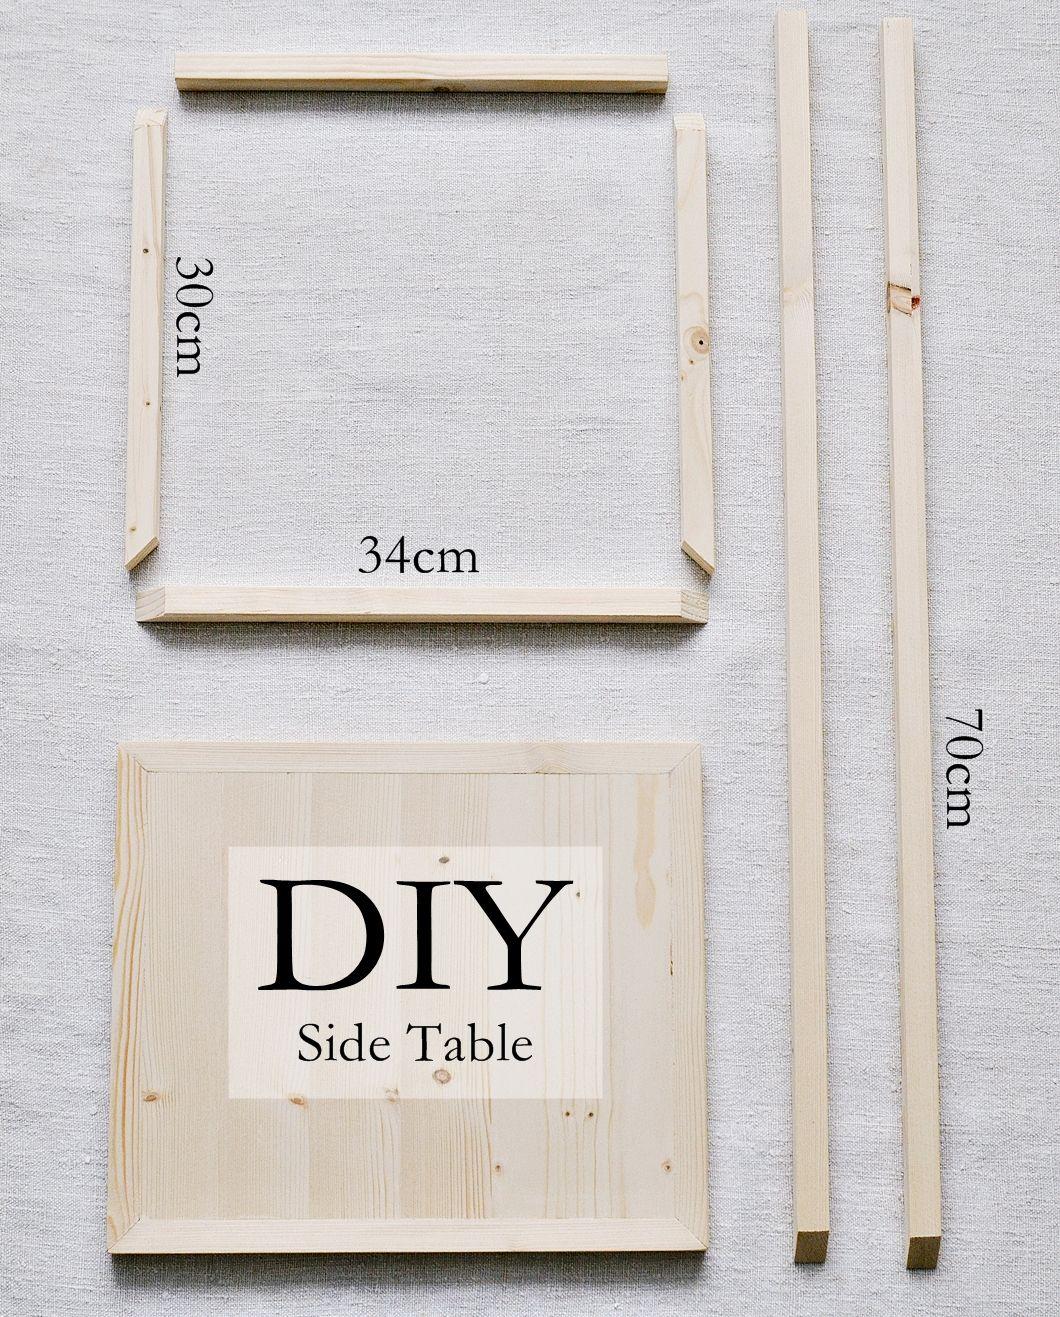 s i n n e n r a u s c h: Simpler DIY Beistelltisch + Gewinner der Stelton Verlosung